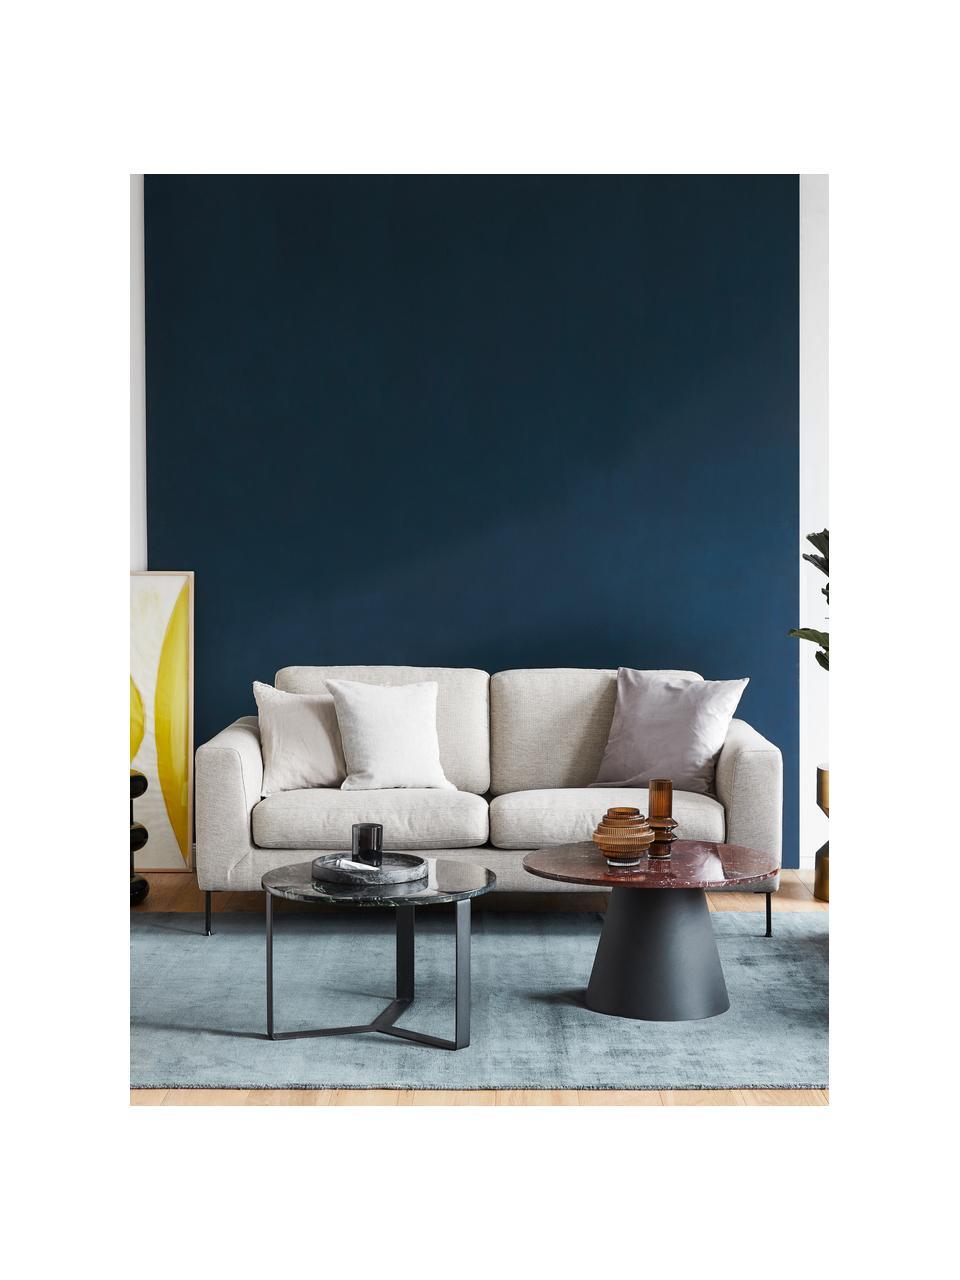 Sofa z metalowymi nogami Cucita (2-osobowa), Tapicerka: tkanina (poliester) Dzięk, Nogi: metal lakierowany, Beżowy, S 187 x G 94 cm